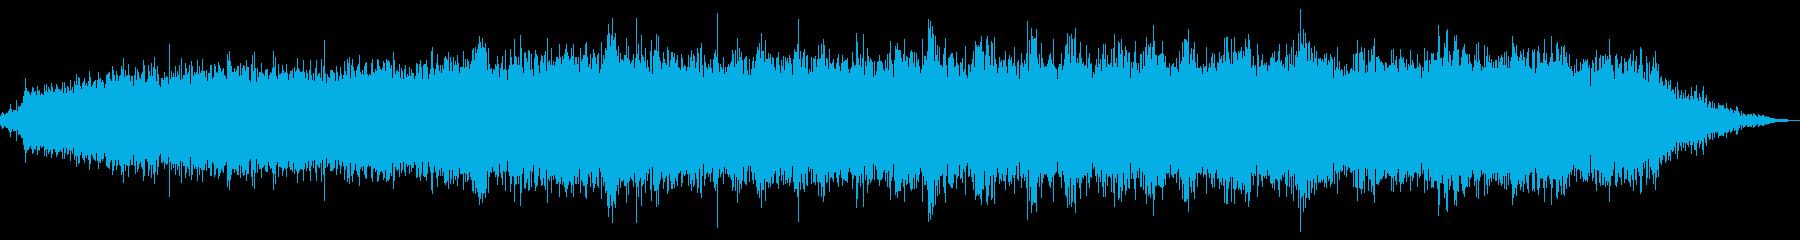 木の電気ドリルの単一の穴の再生済みの波形